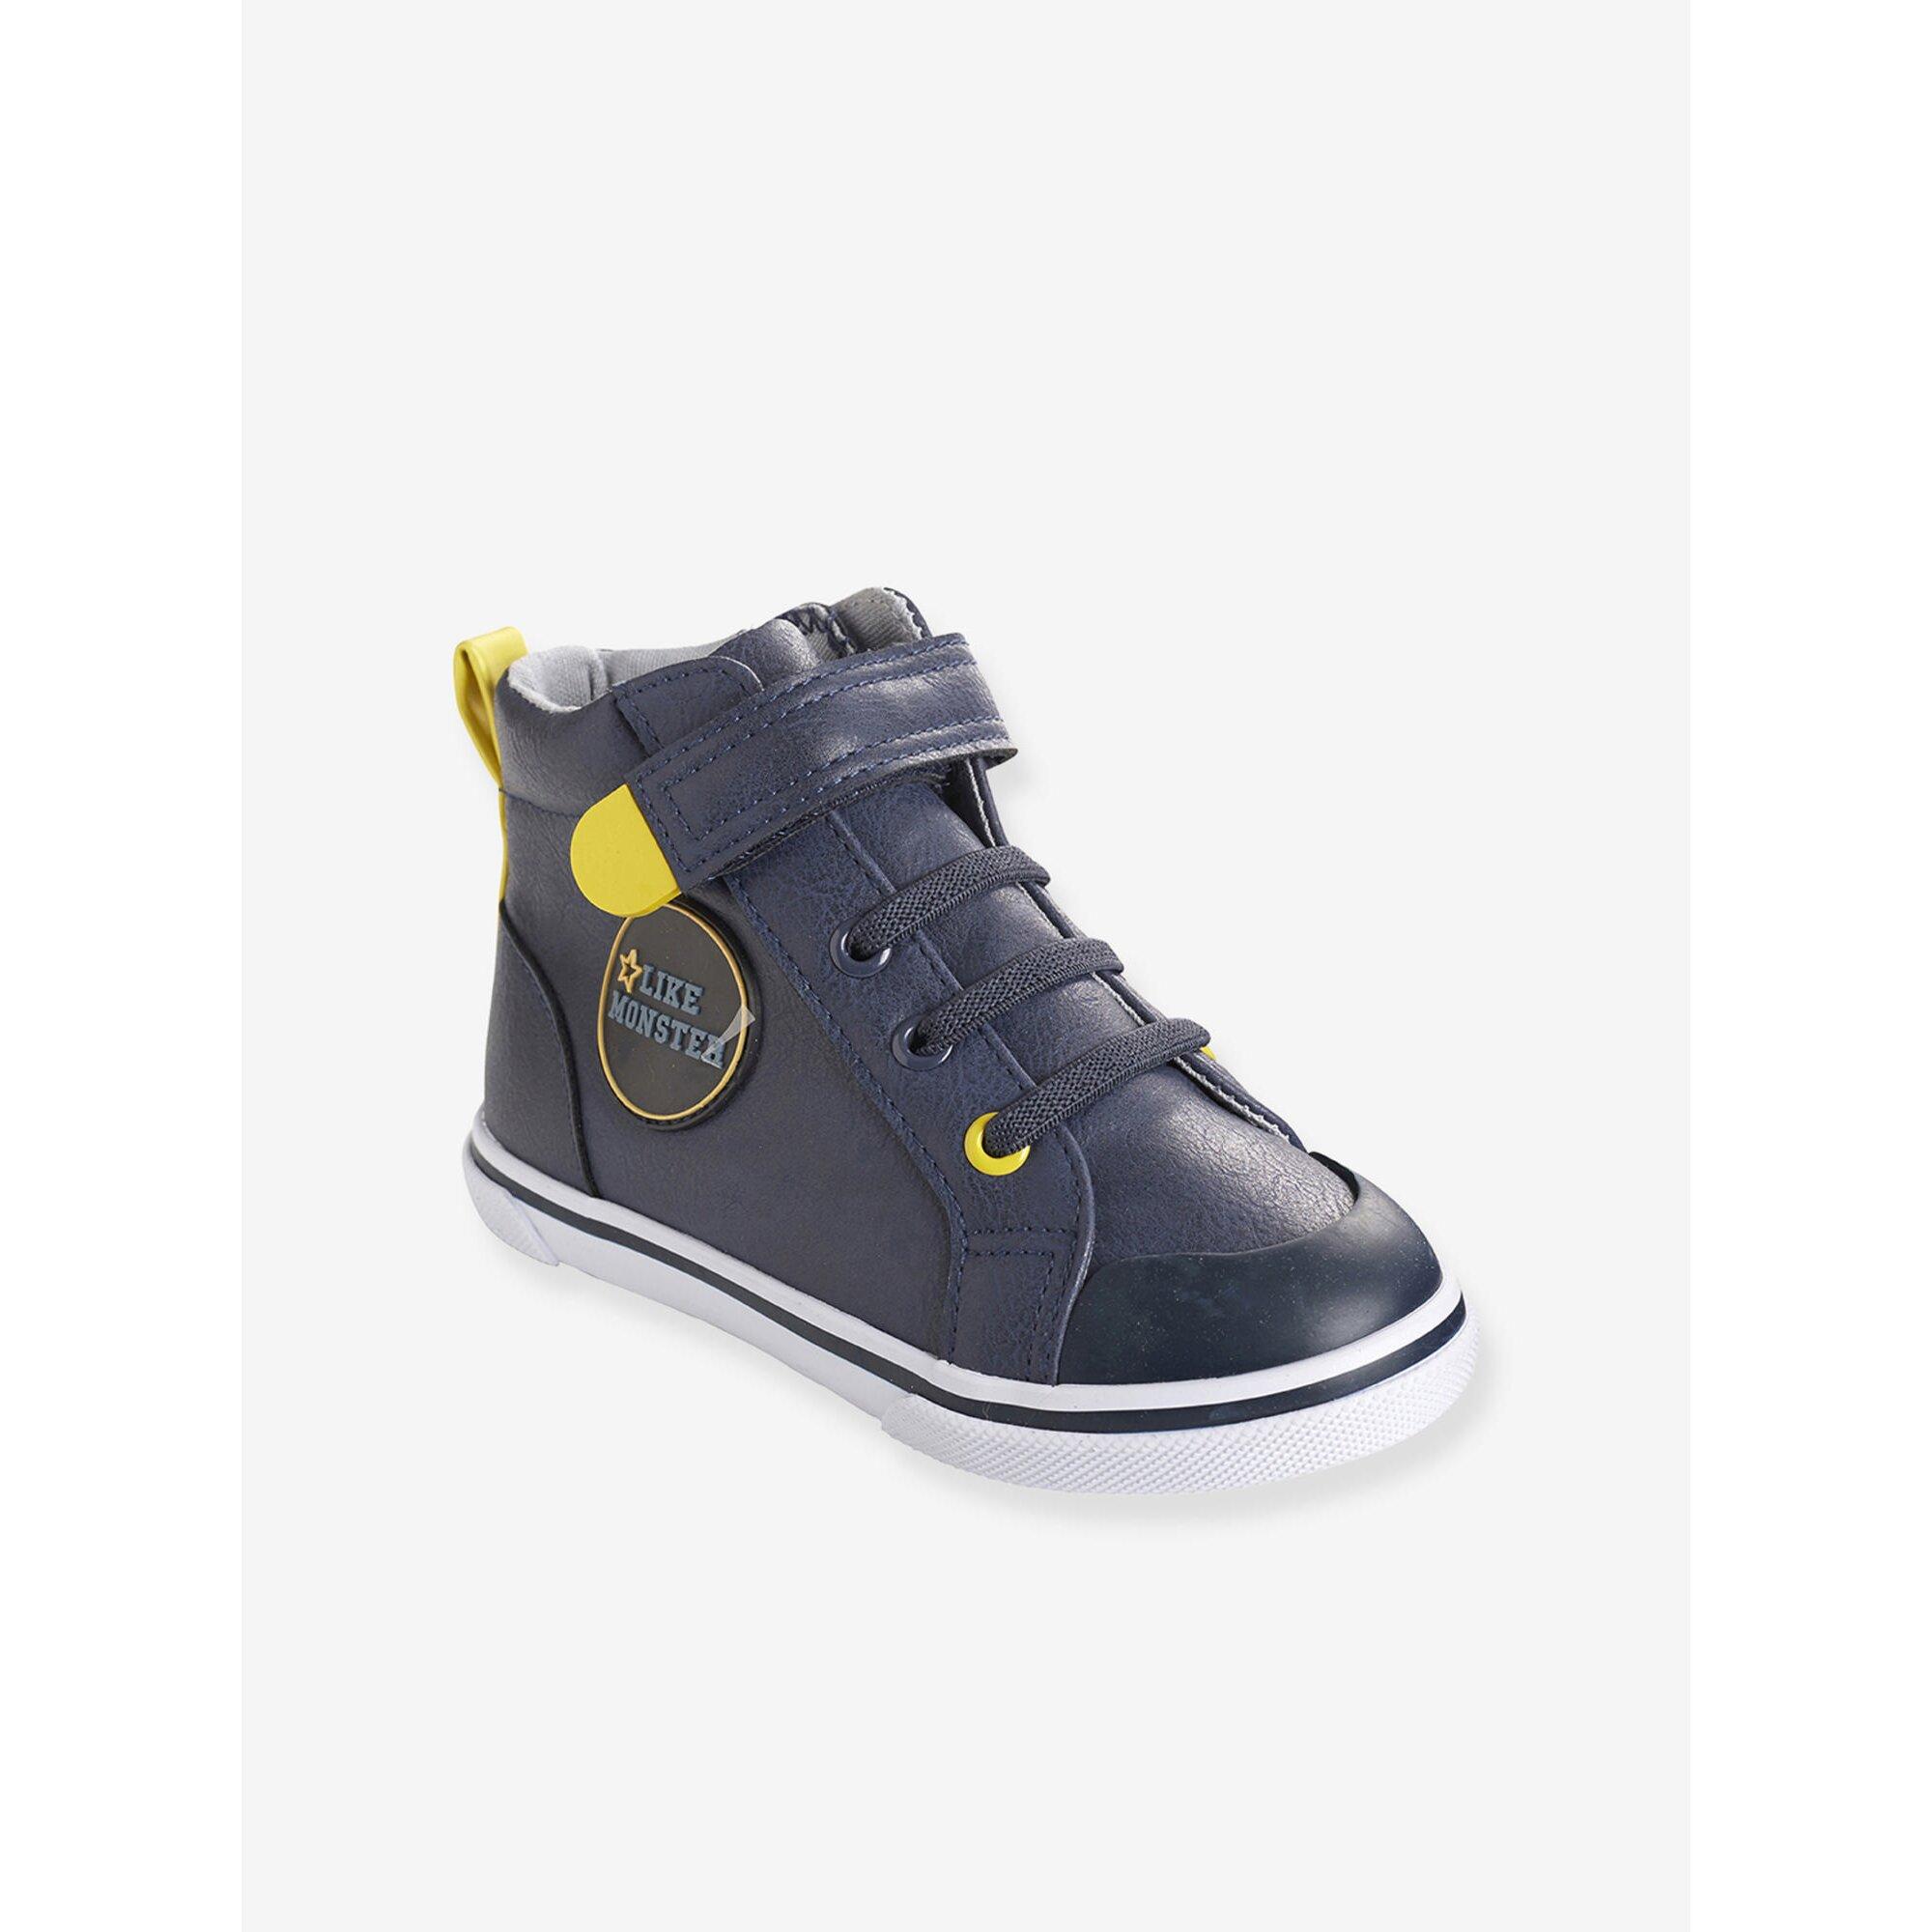 vertbaudet-sneakers-fur-jungen-mit-anziehtrick, 30.99 EUR @ babywalz-de